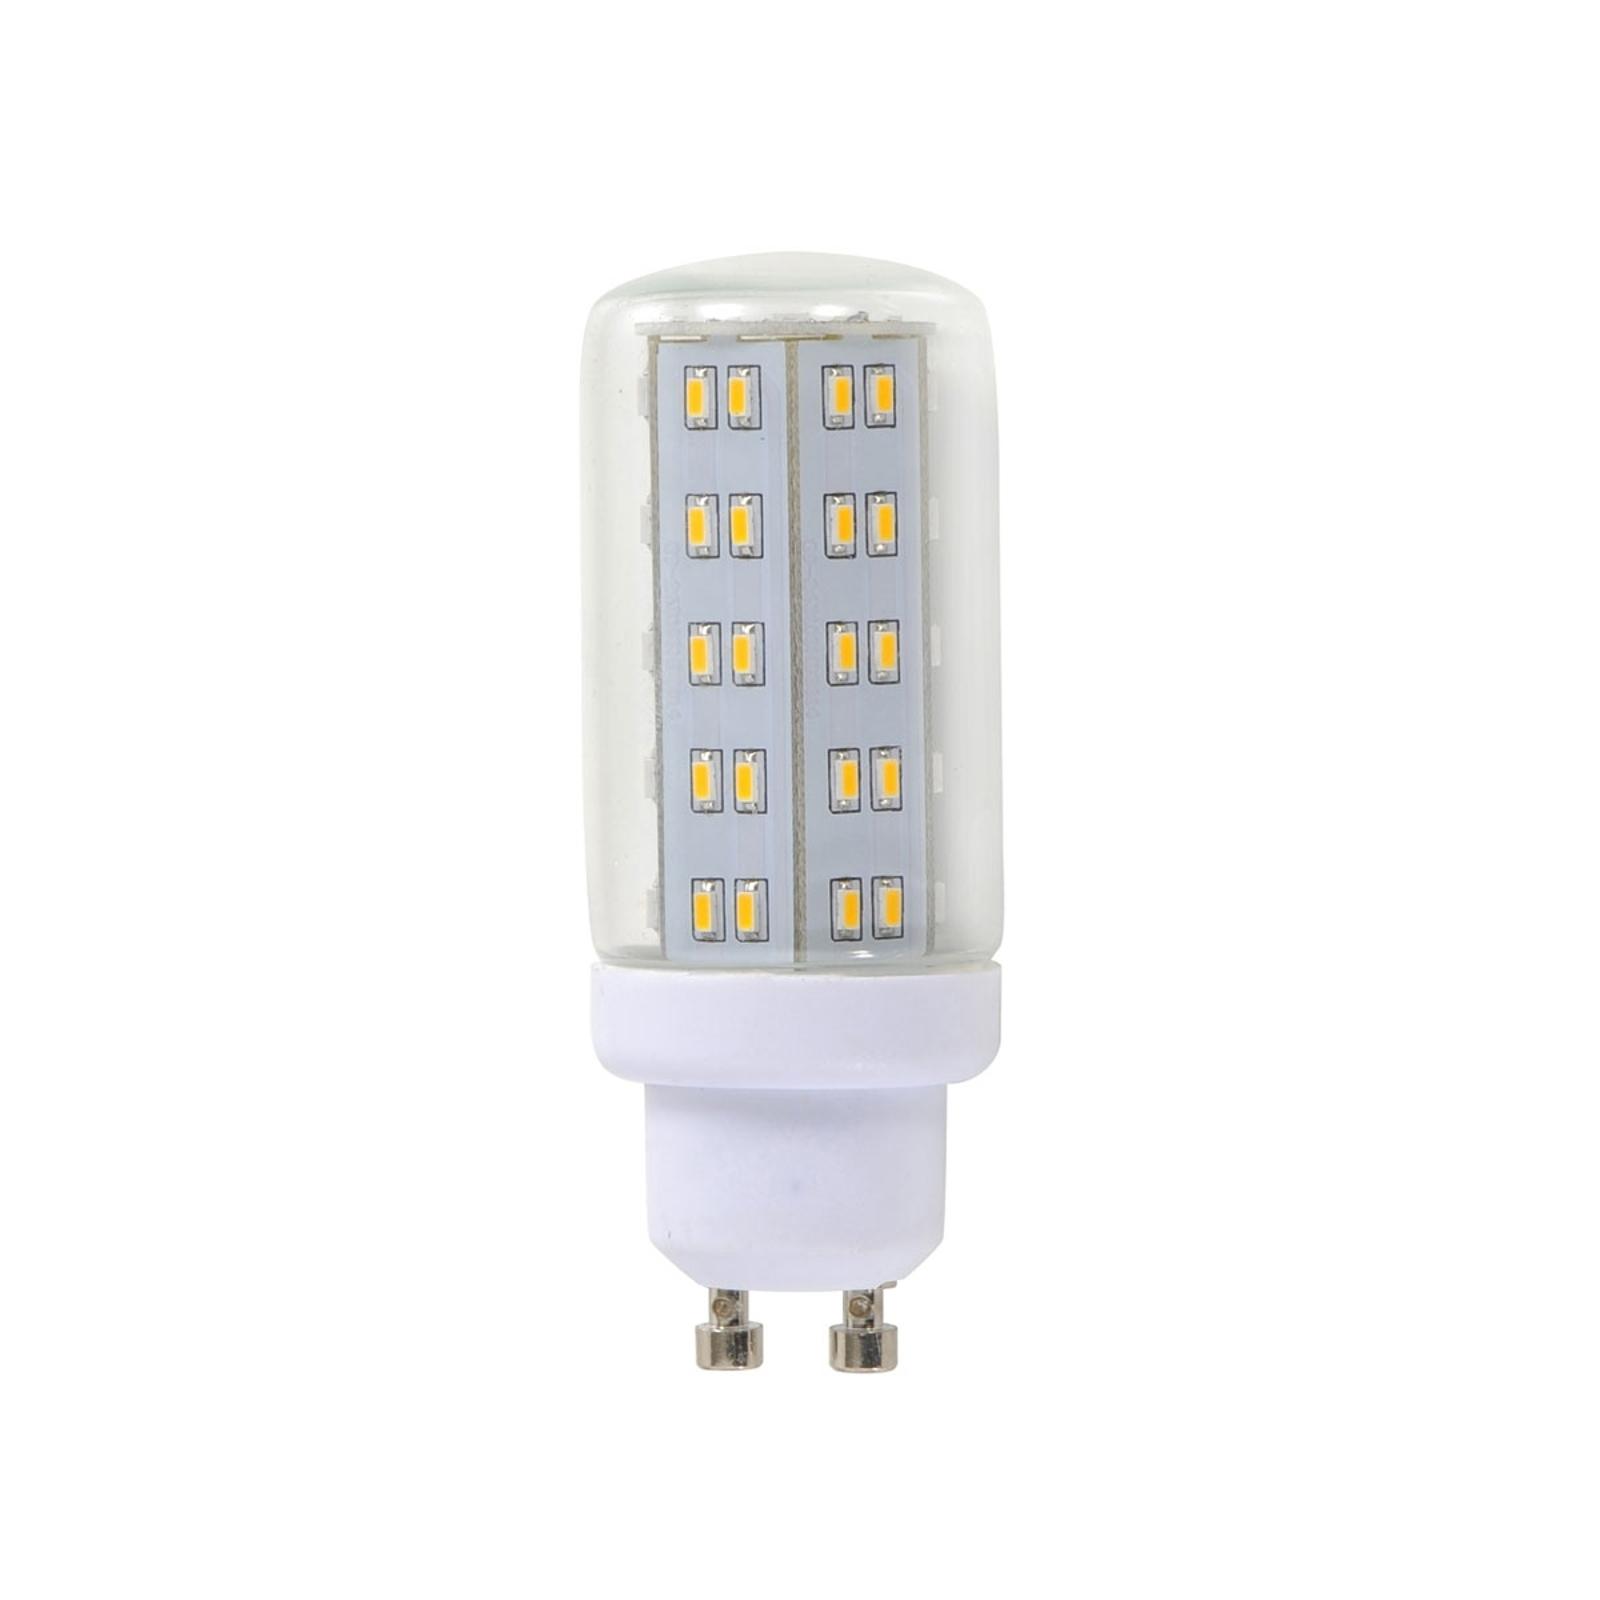 GU10 4W LED-Lampe in Röhrenform klar mit 69 LEDs